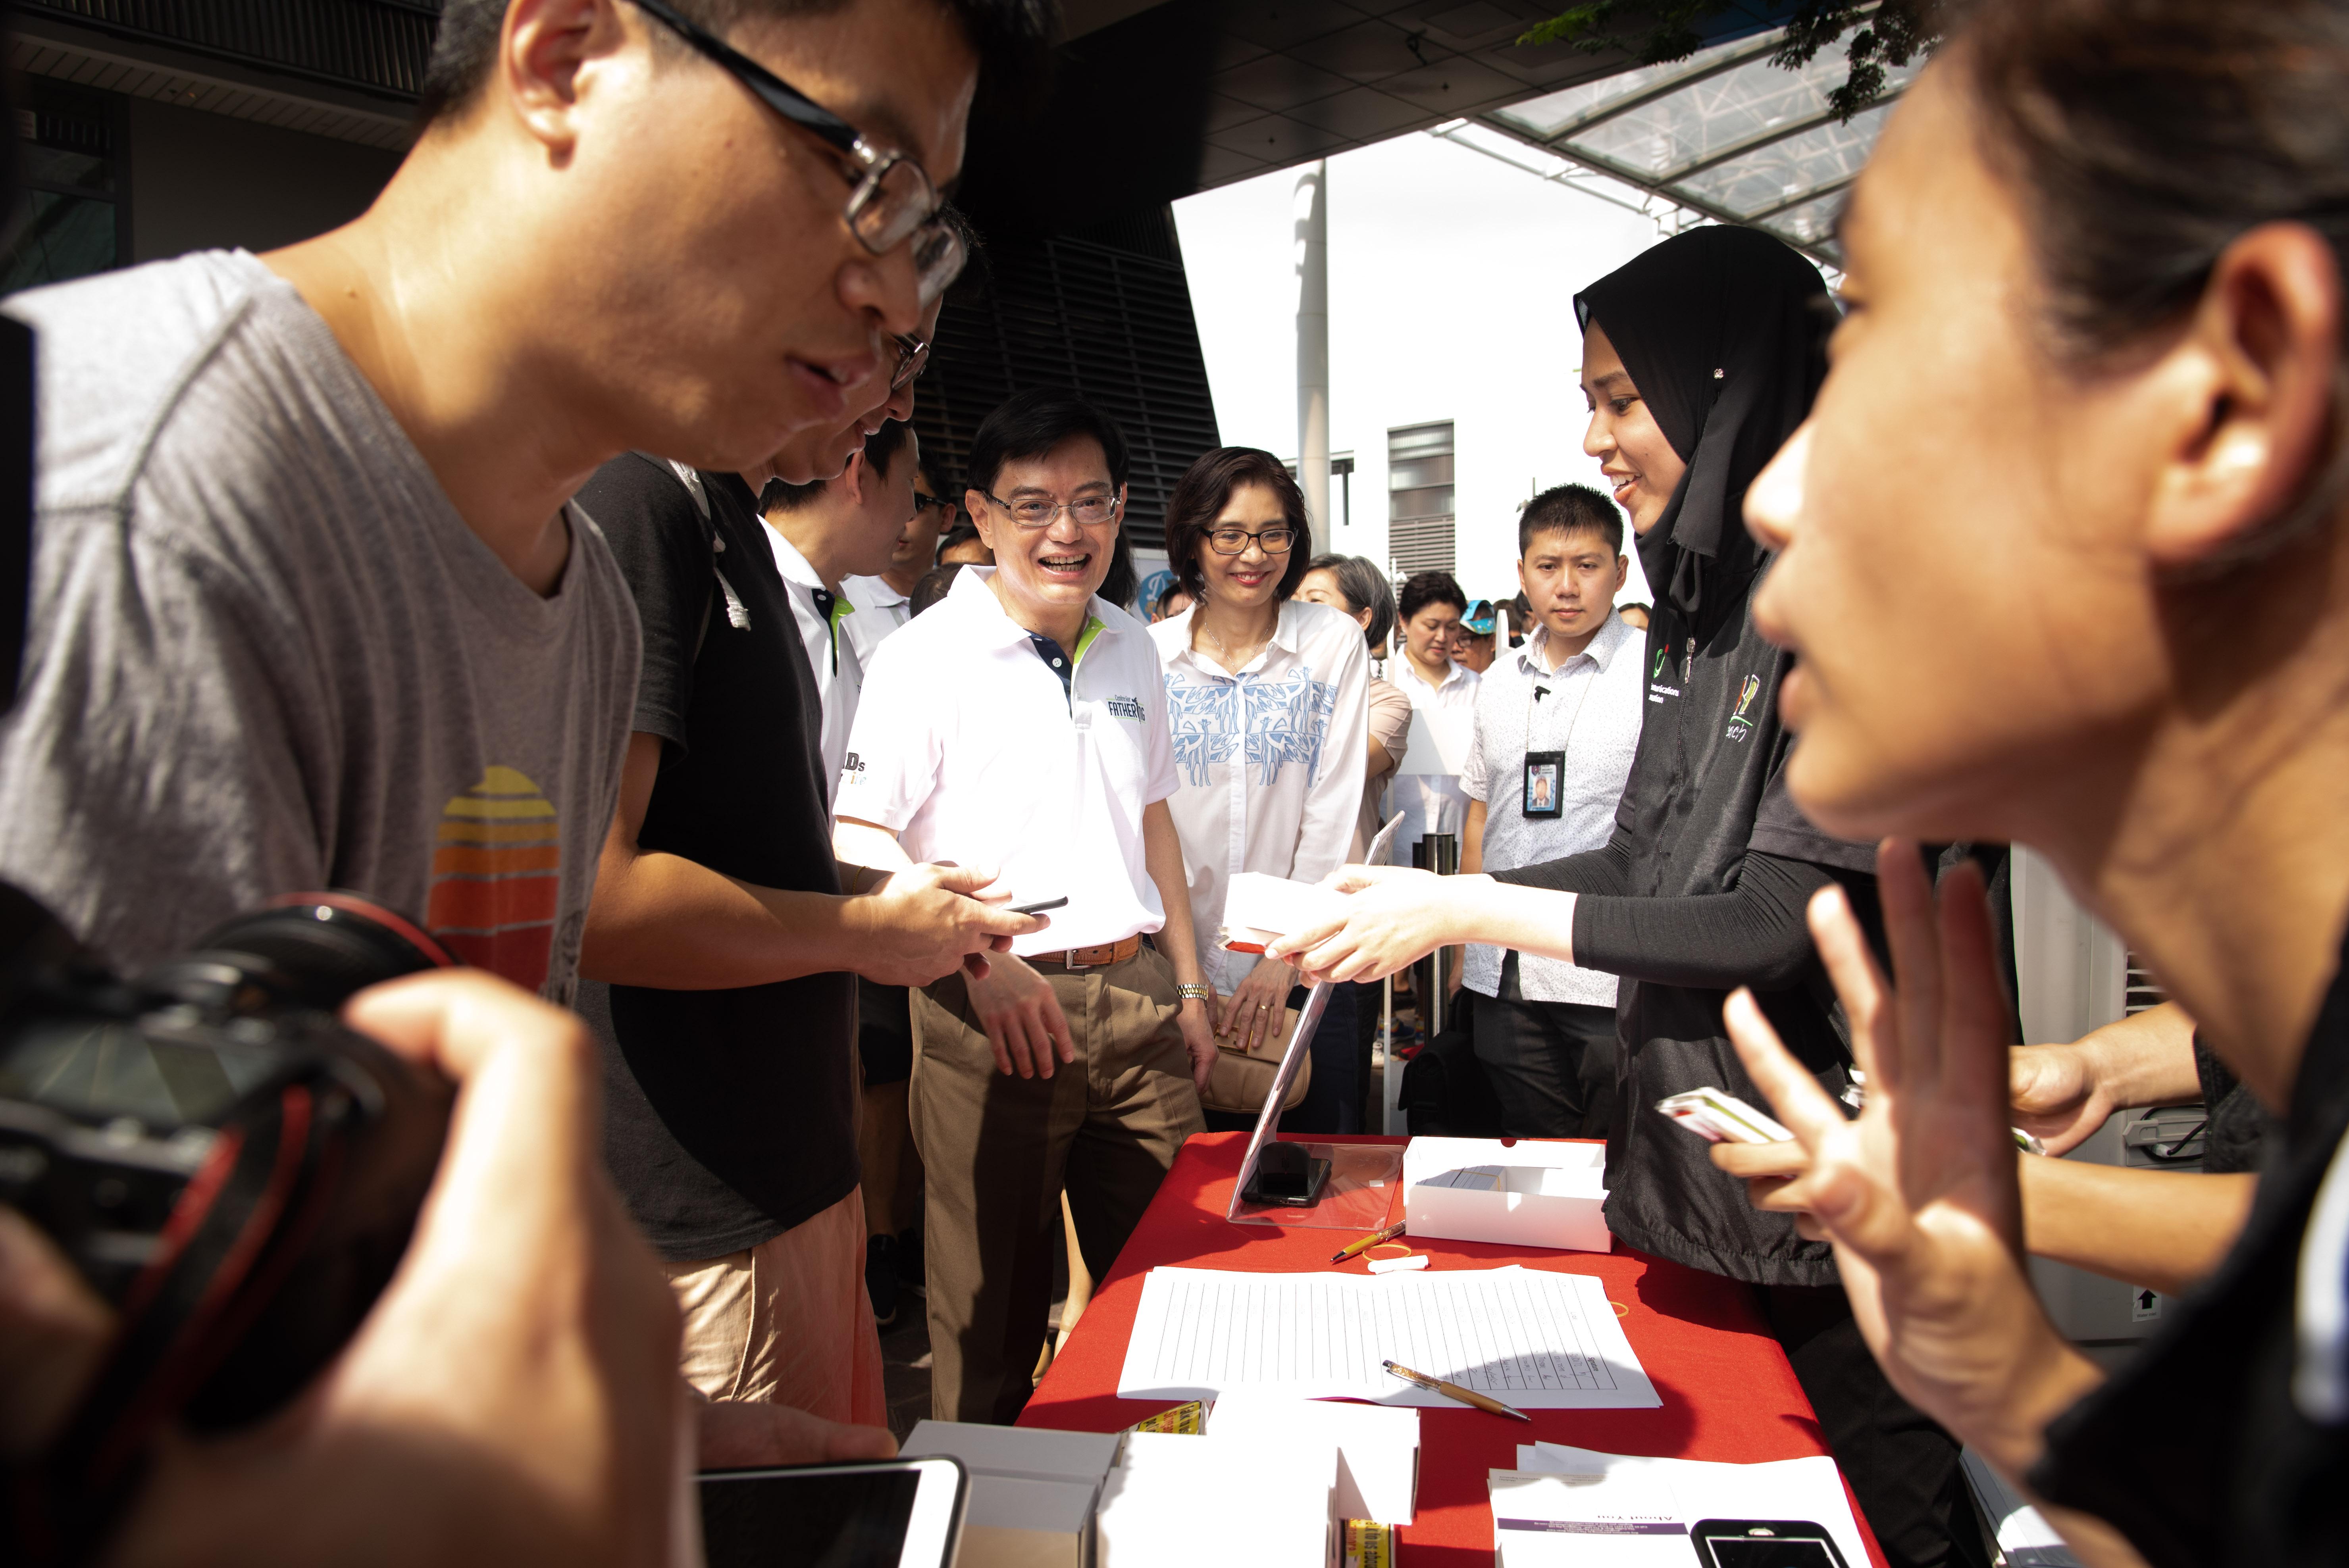 DPM Heng at REACH Listening Point